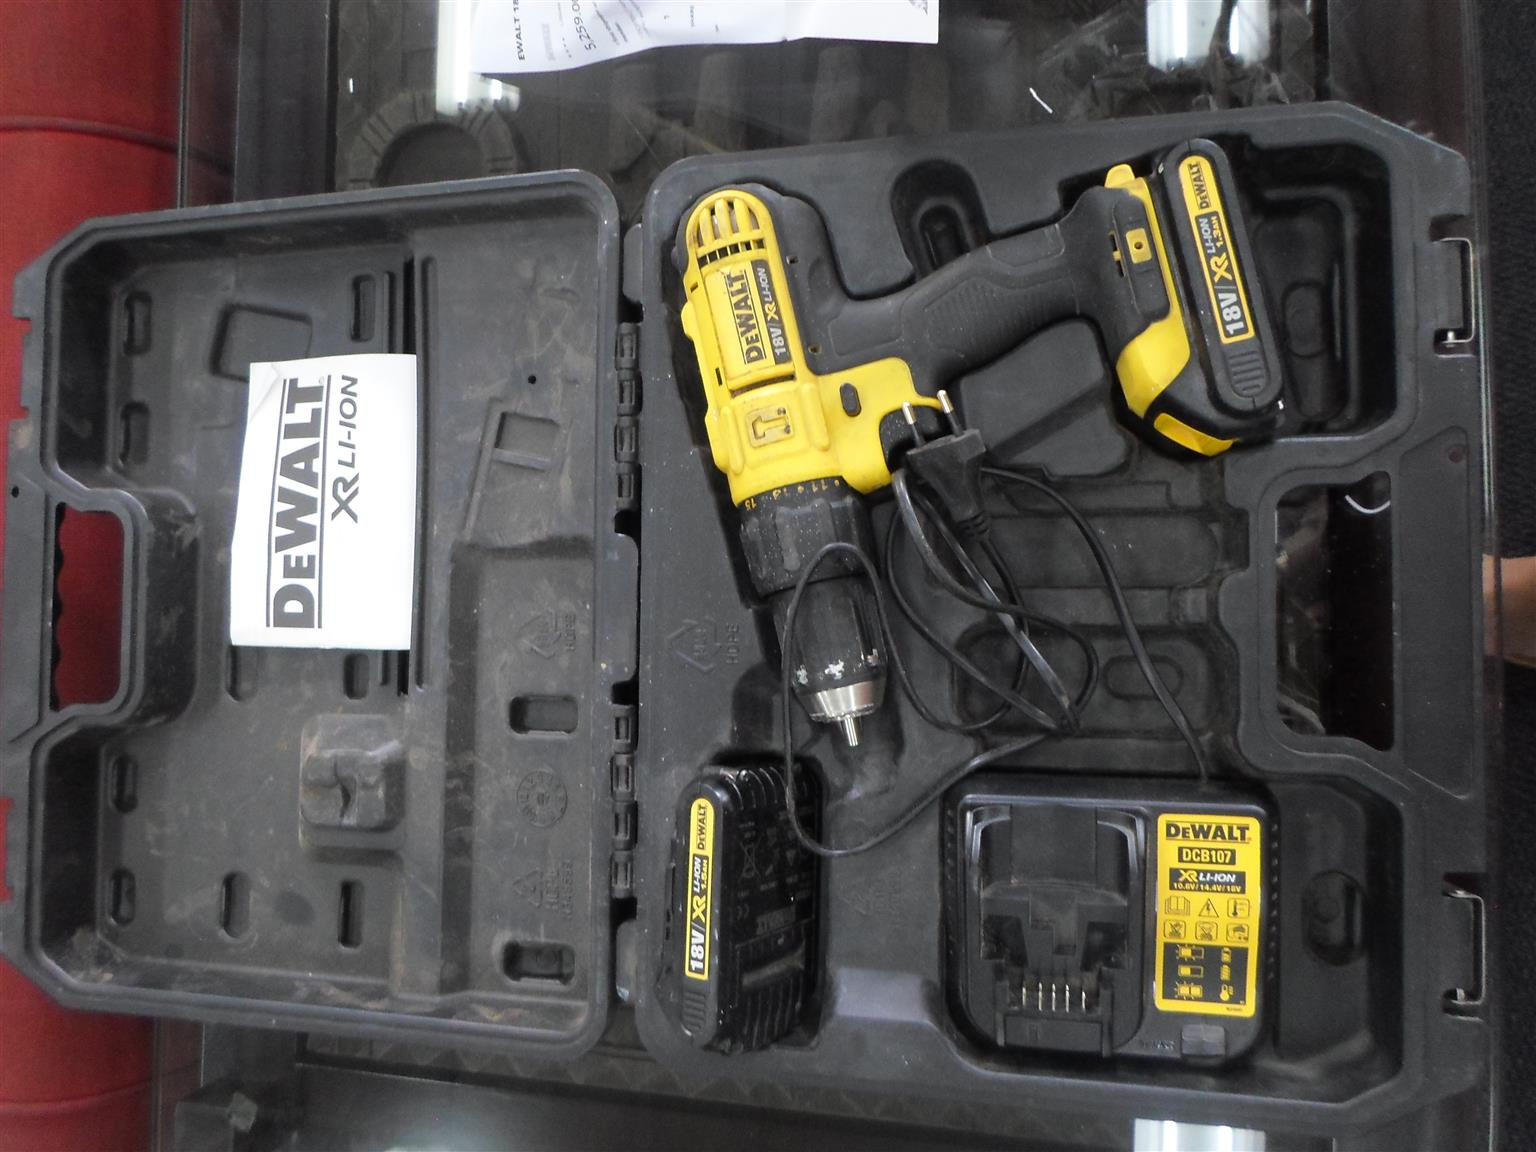 18V DeWalt Cordless Drill